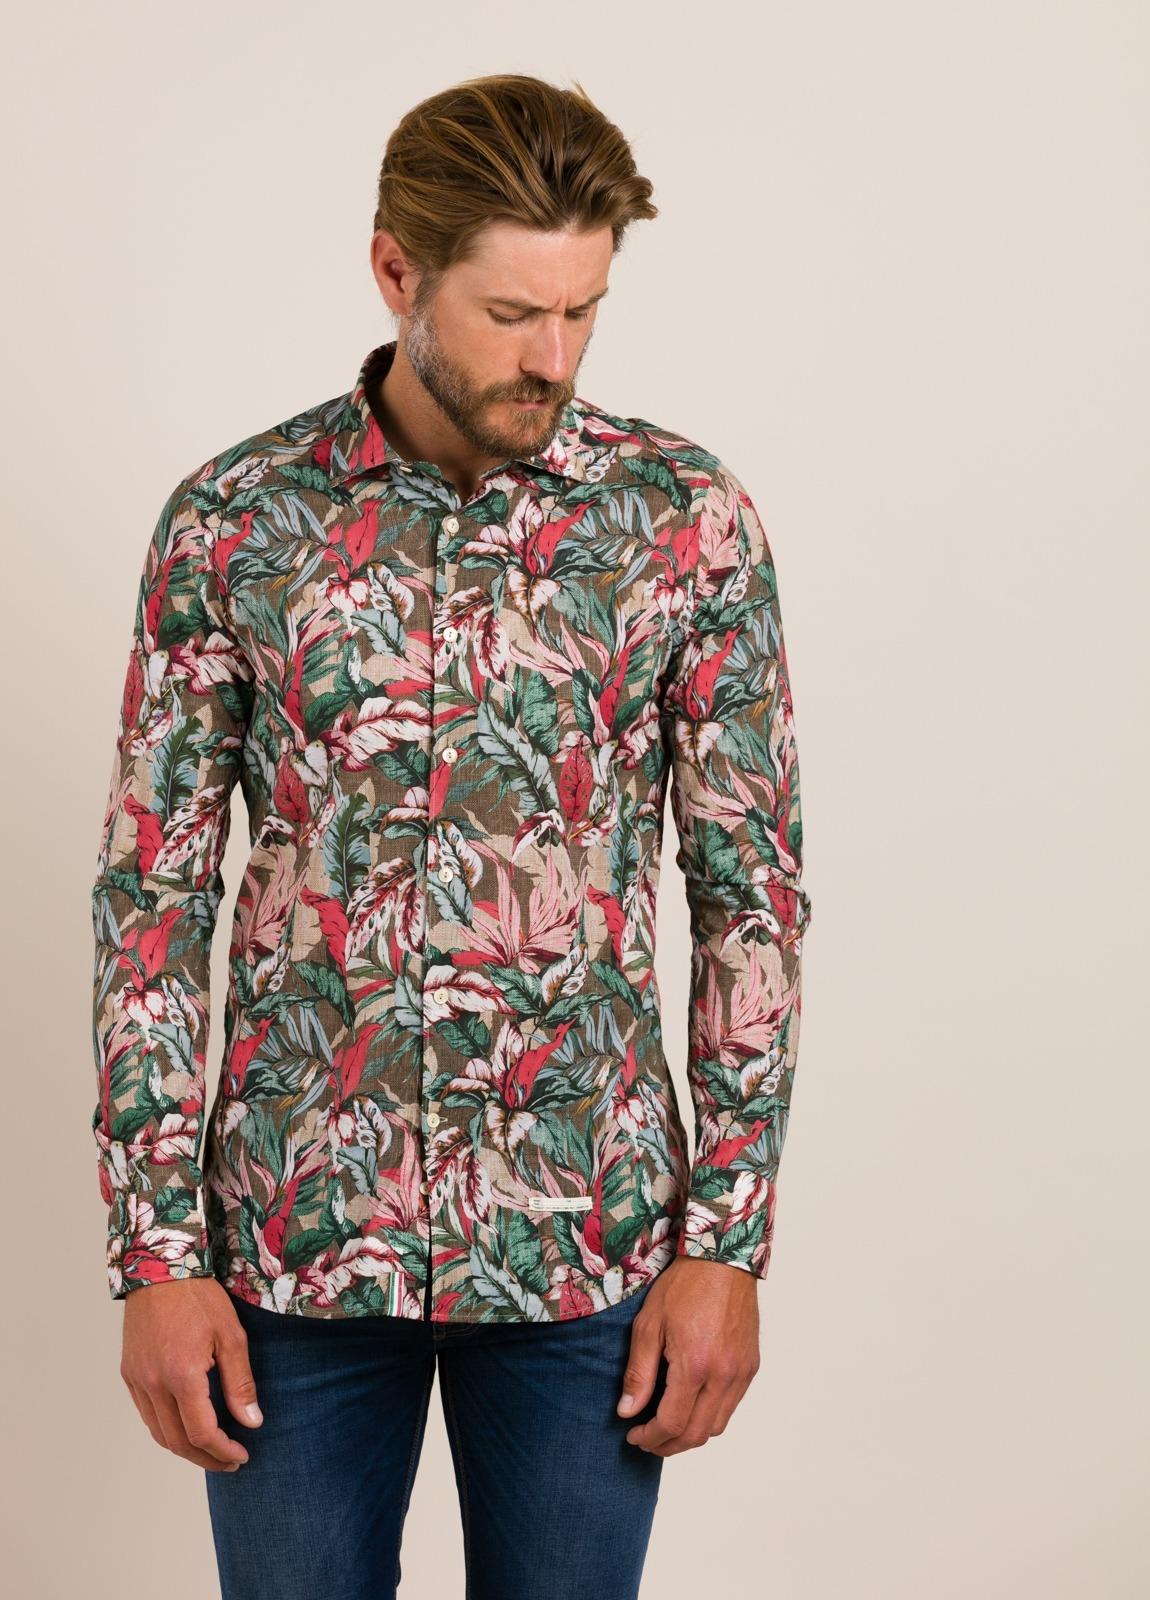 Camisa sport TINTORIA MATEI estampado tropical